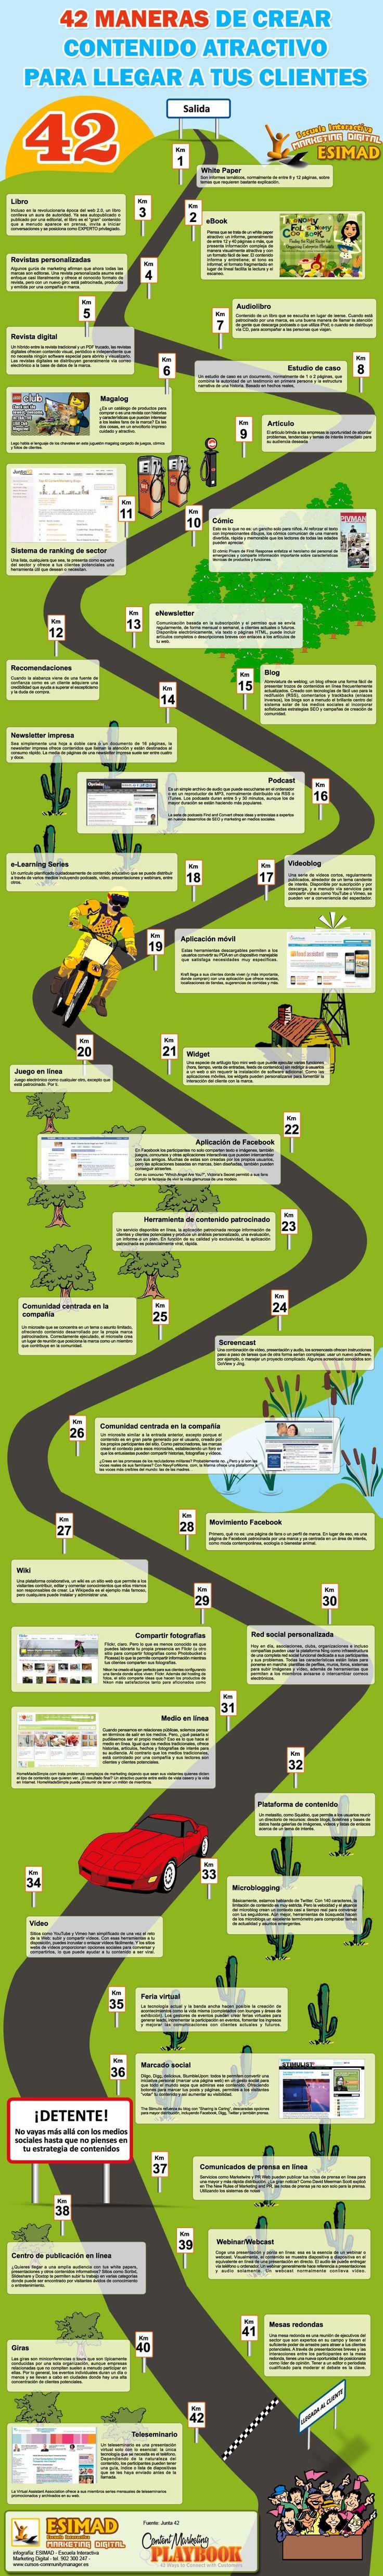 [ 42 ways to create compelling content to reach your customers.]....................................42 maneras de crear contenido atractivo para llegar a tus clientes. Infografía en español.